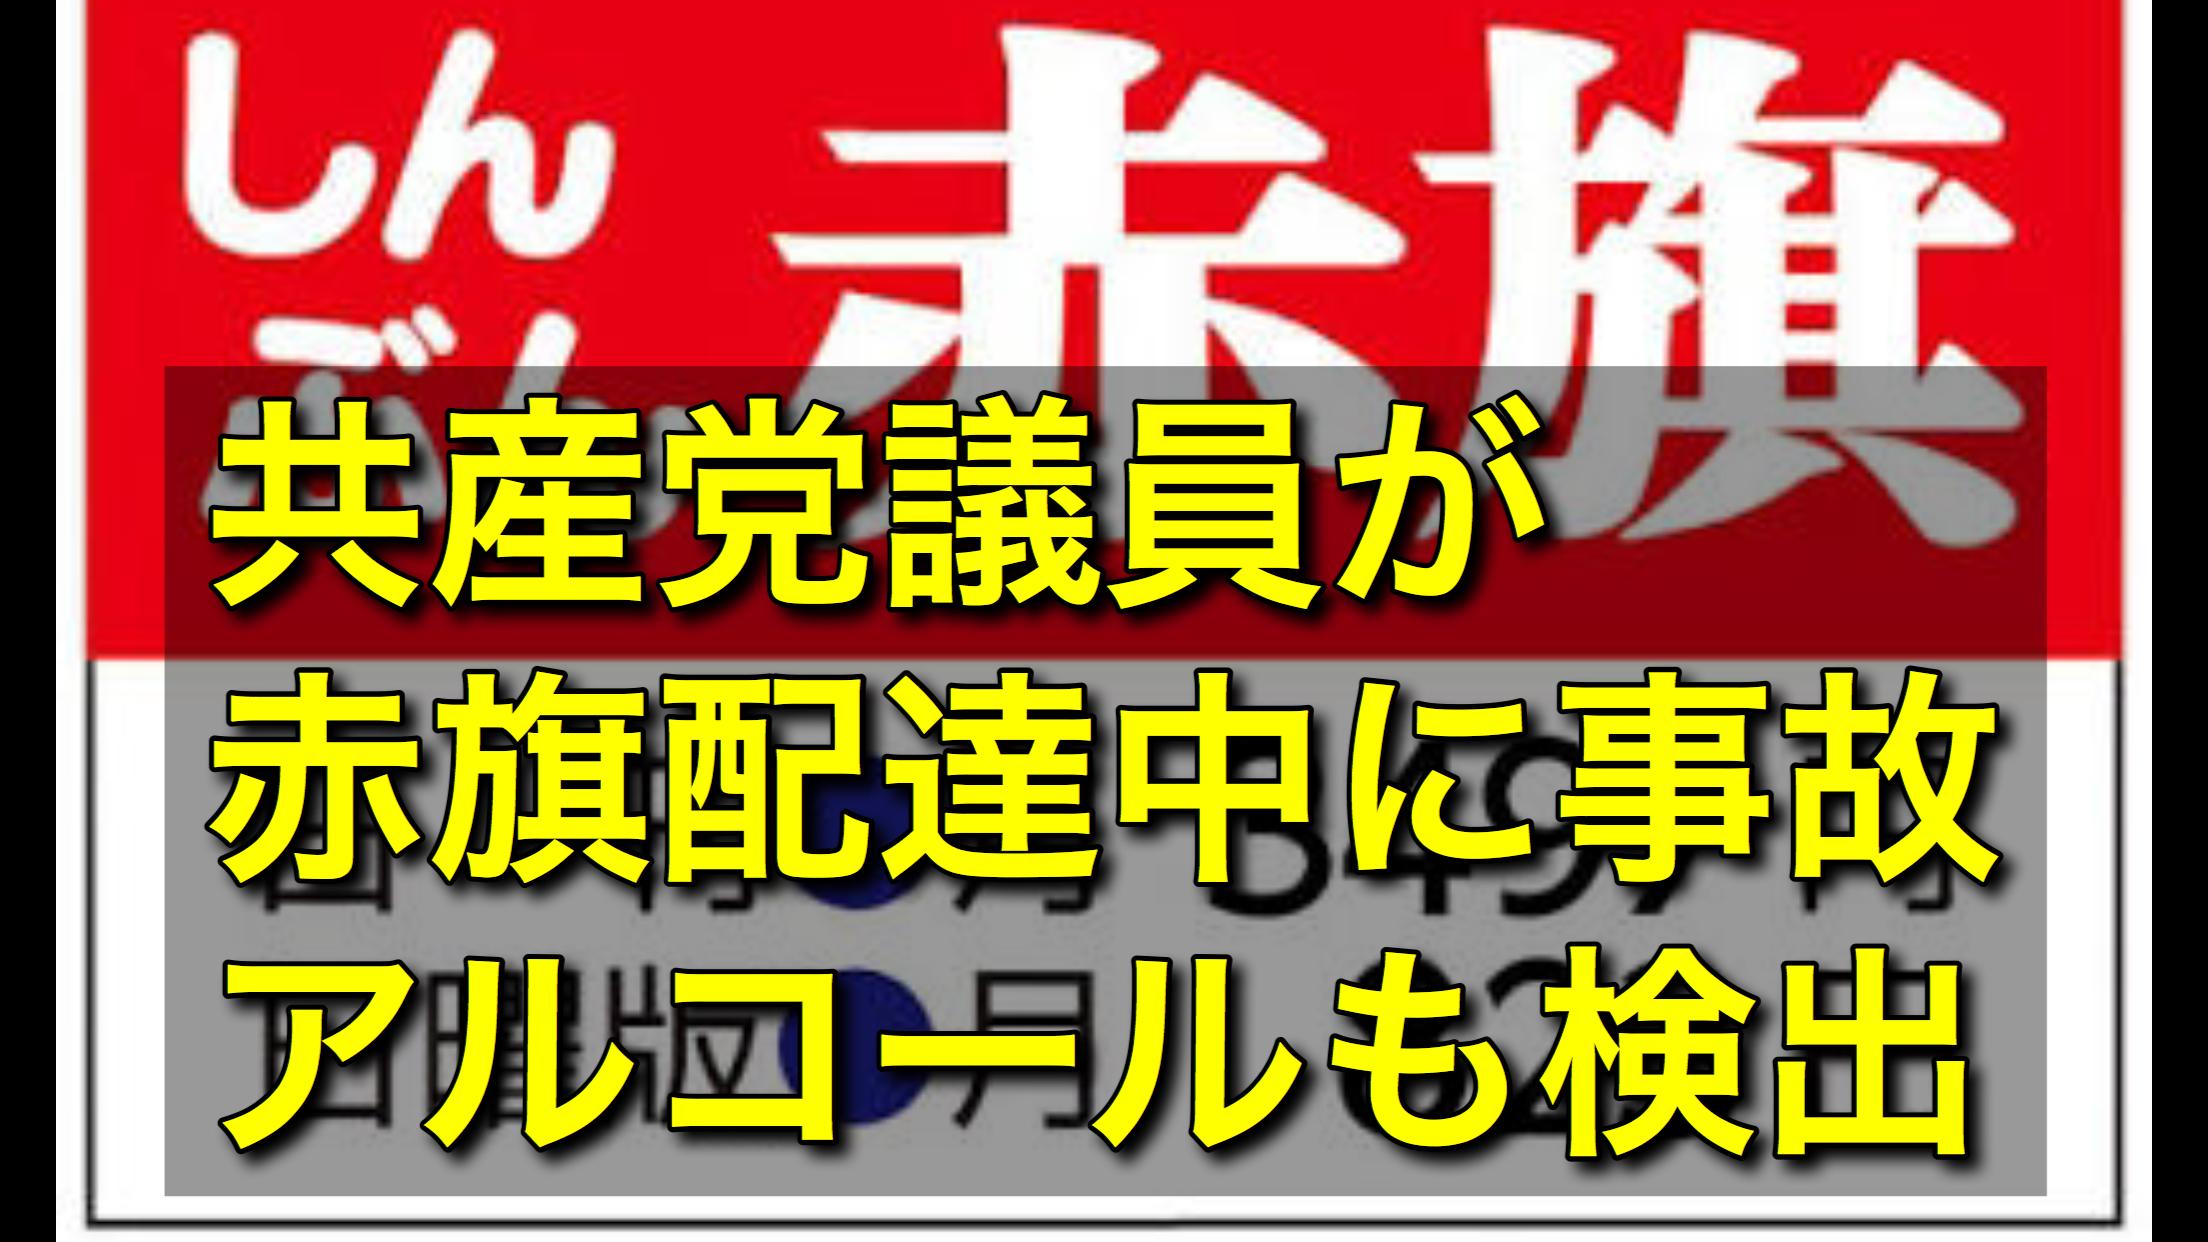 共産党議員が赤旗配達中に電柱激突!呼気からアルコール検出も逮捕はなし、苦手な右折でハンドル操作誤る